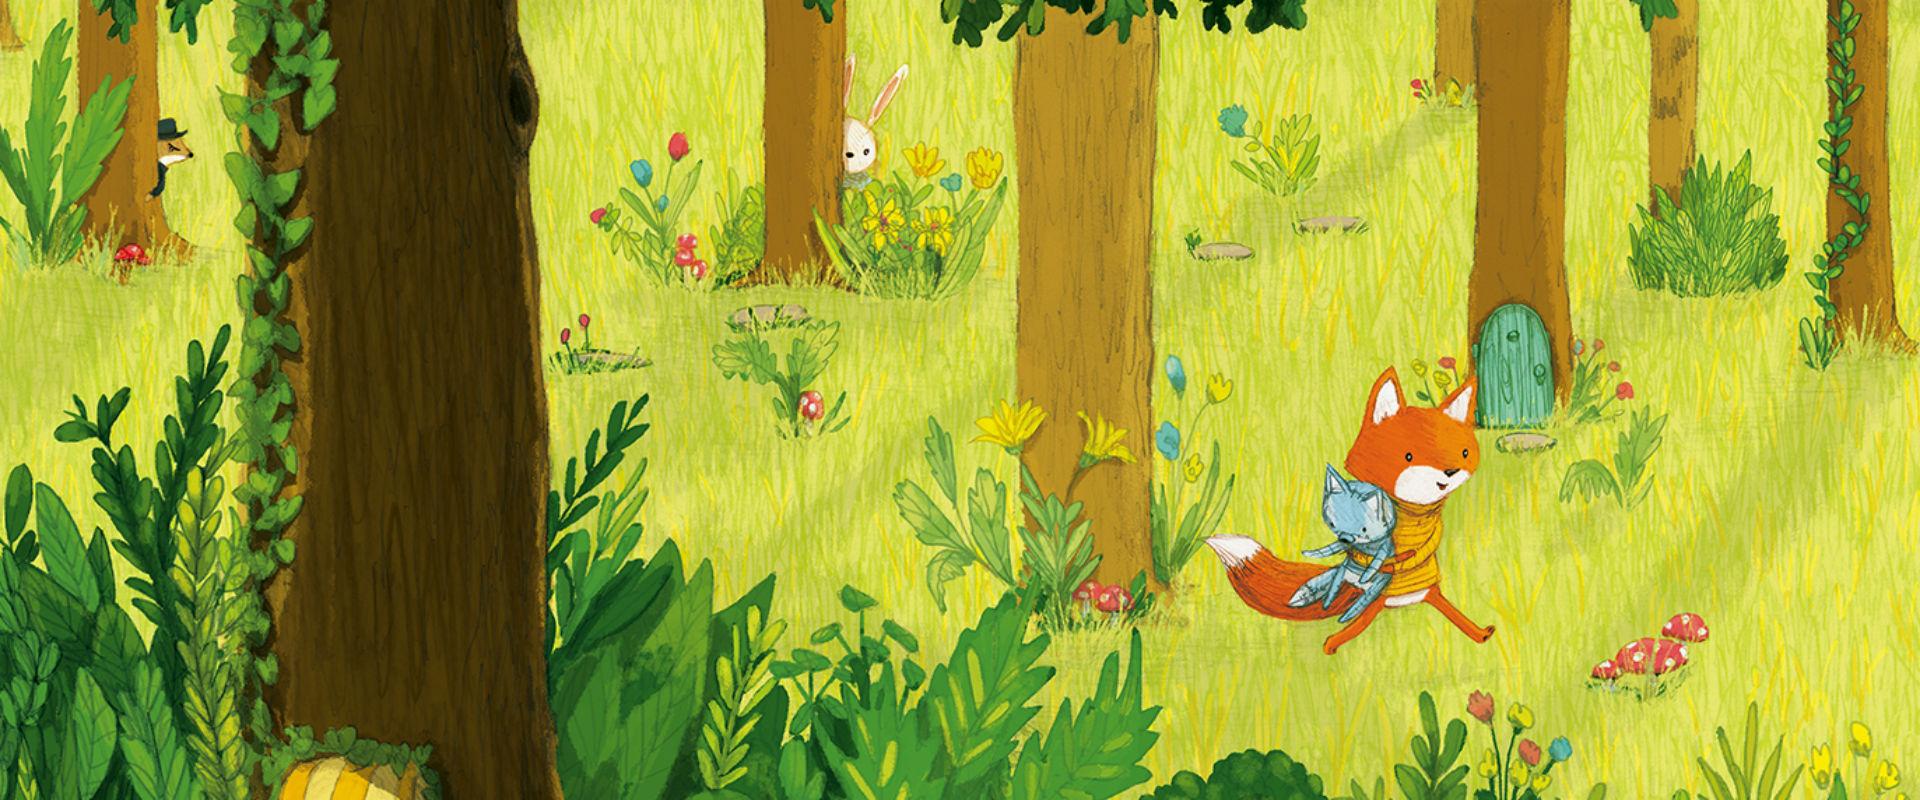 Piccola Volpe nel bosco magico, di Stephanie Graegin - 2018, Terre di Mezzo